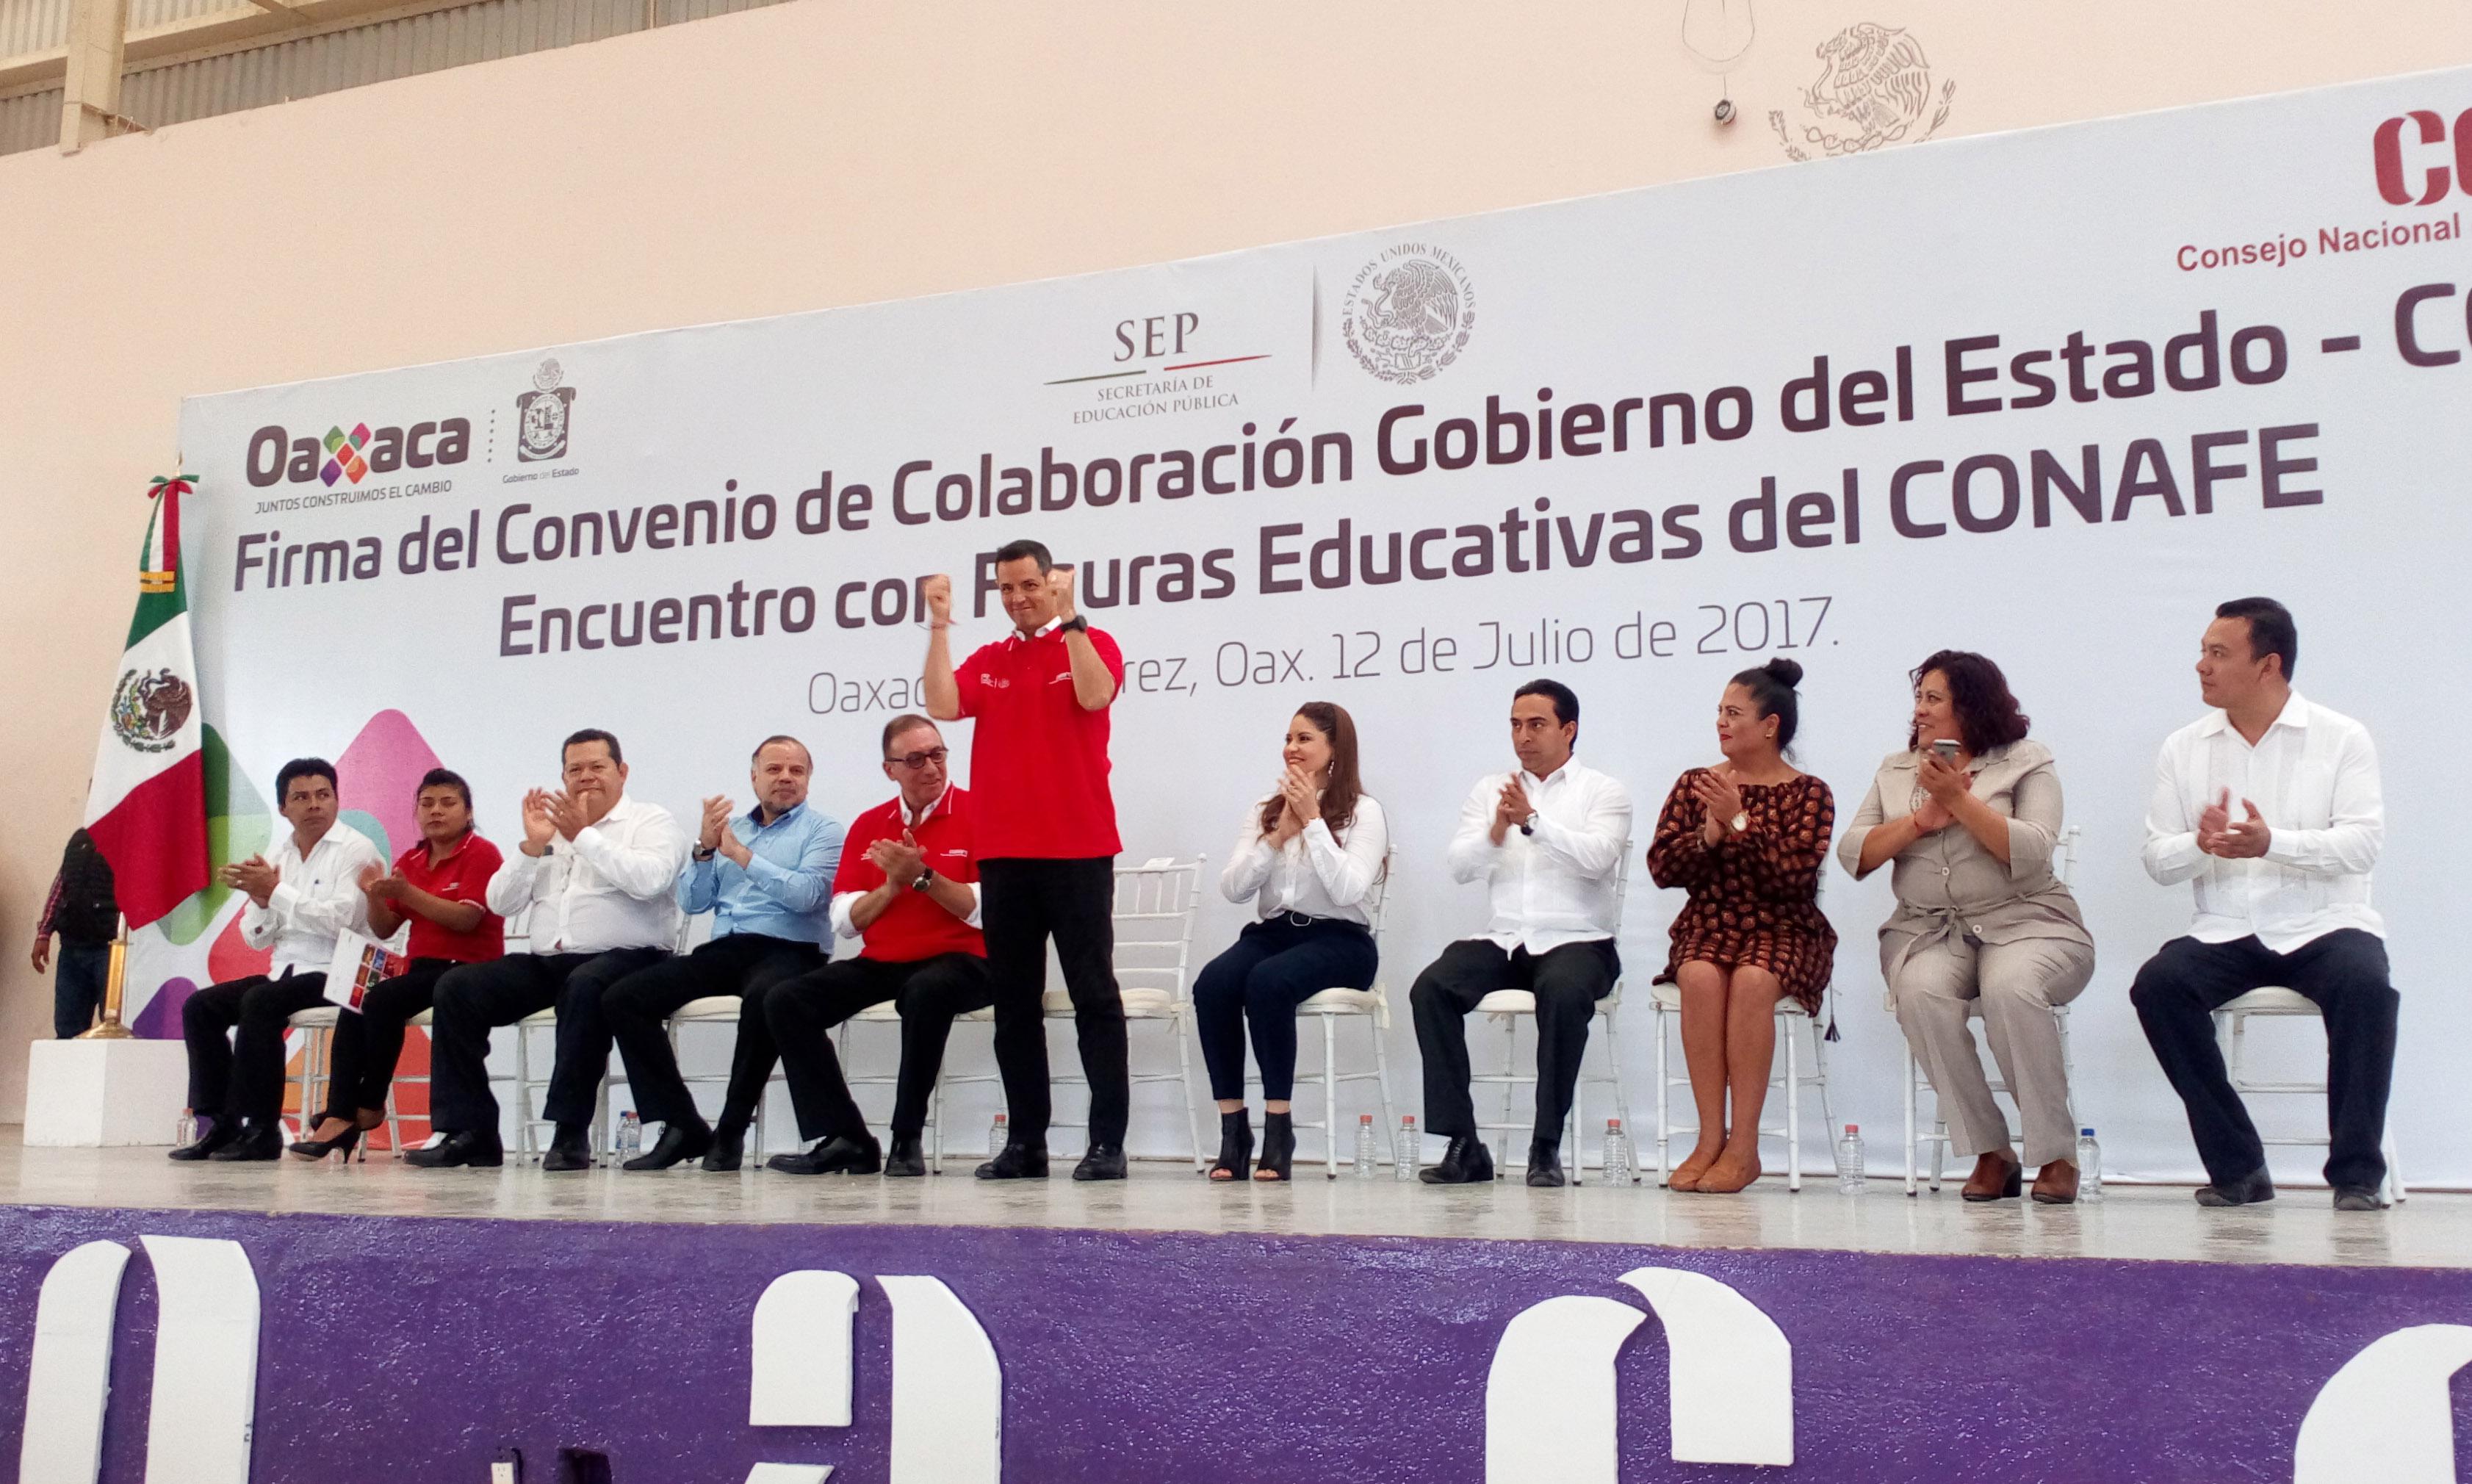 Firma del Convenio de Colaboración Gobierno del Estado -CONAFE- Encuentro con Figuras Educativas.